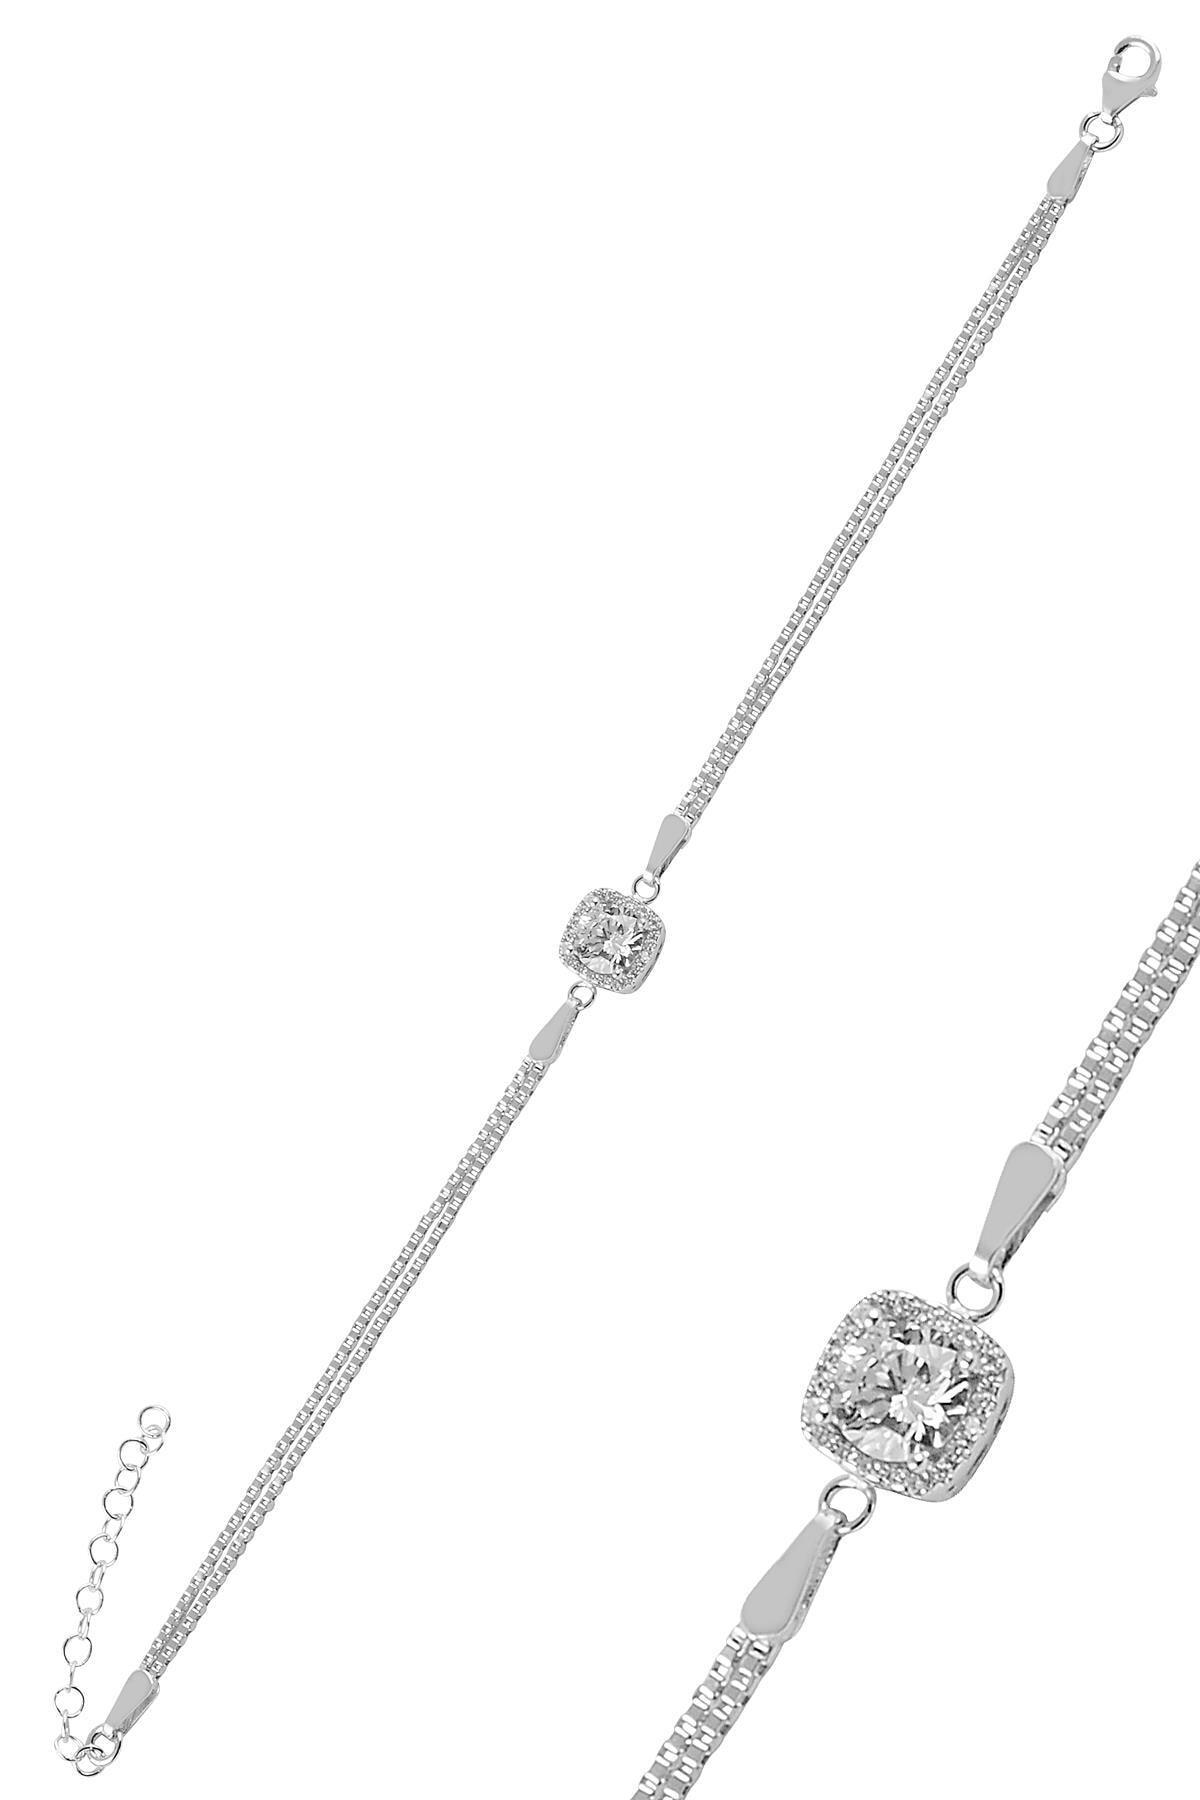 Söğütlü Silver Gümüş Zirkon Taşlı Pırlanta Montürlü Kare  Gümüş Bileklik